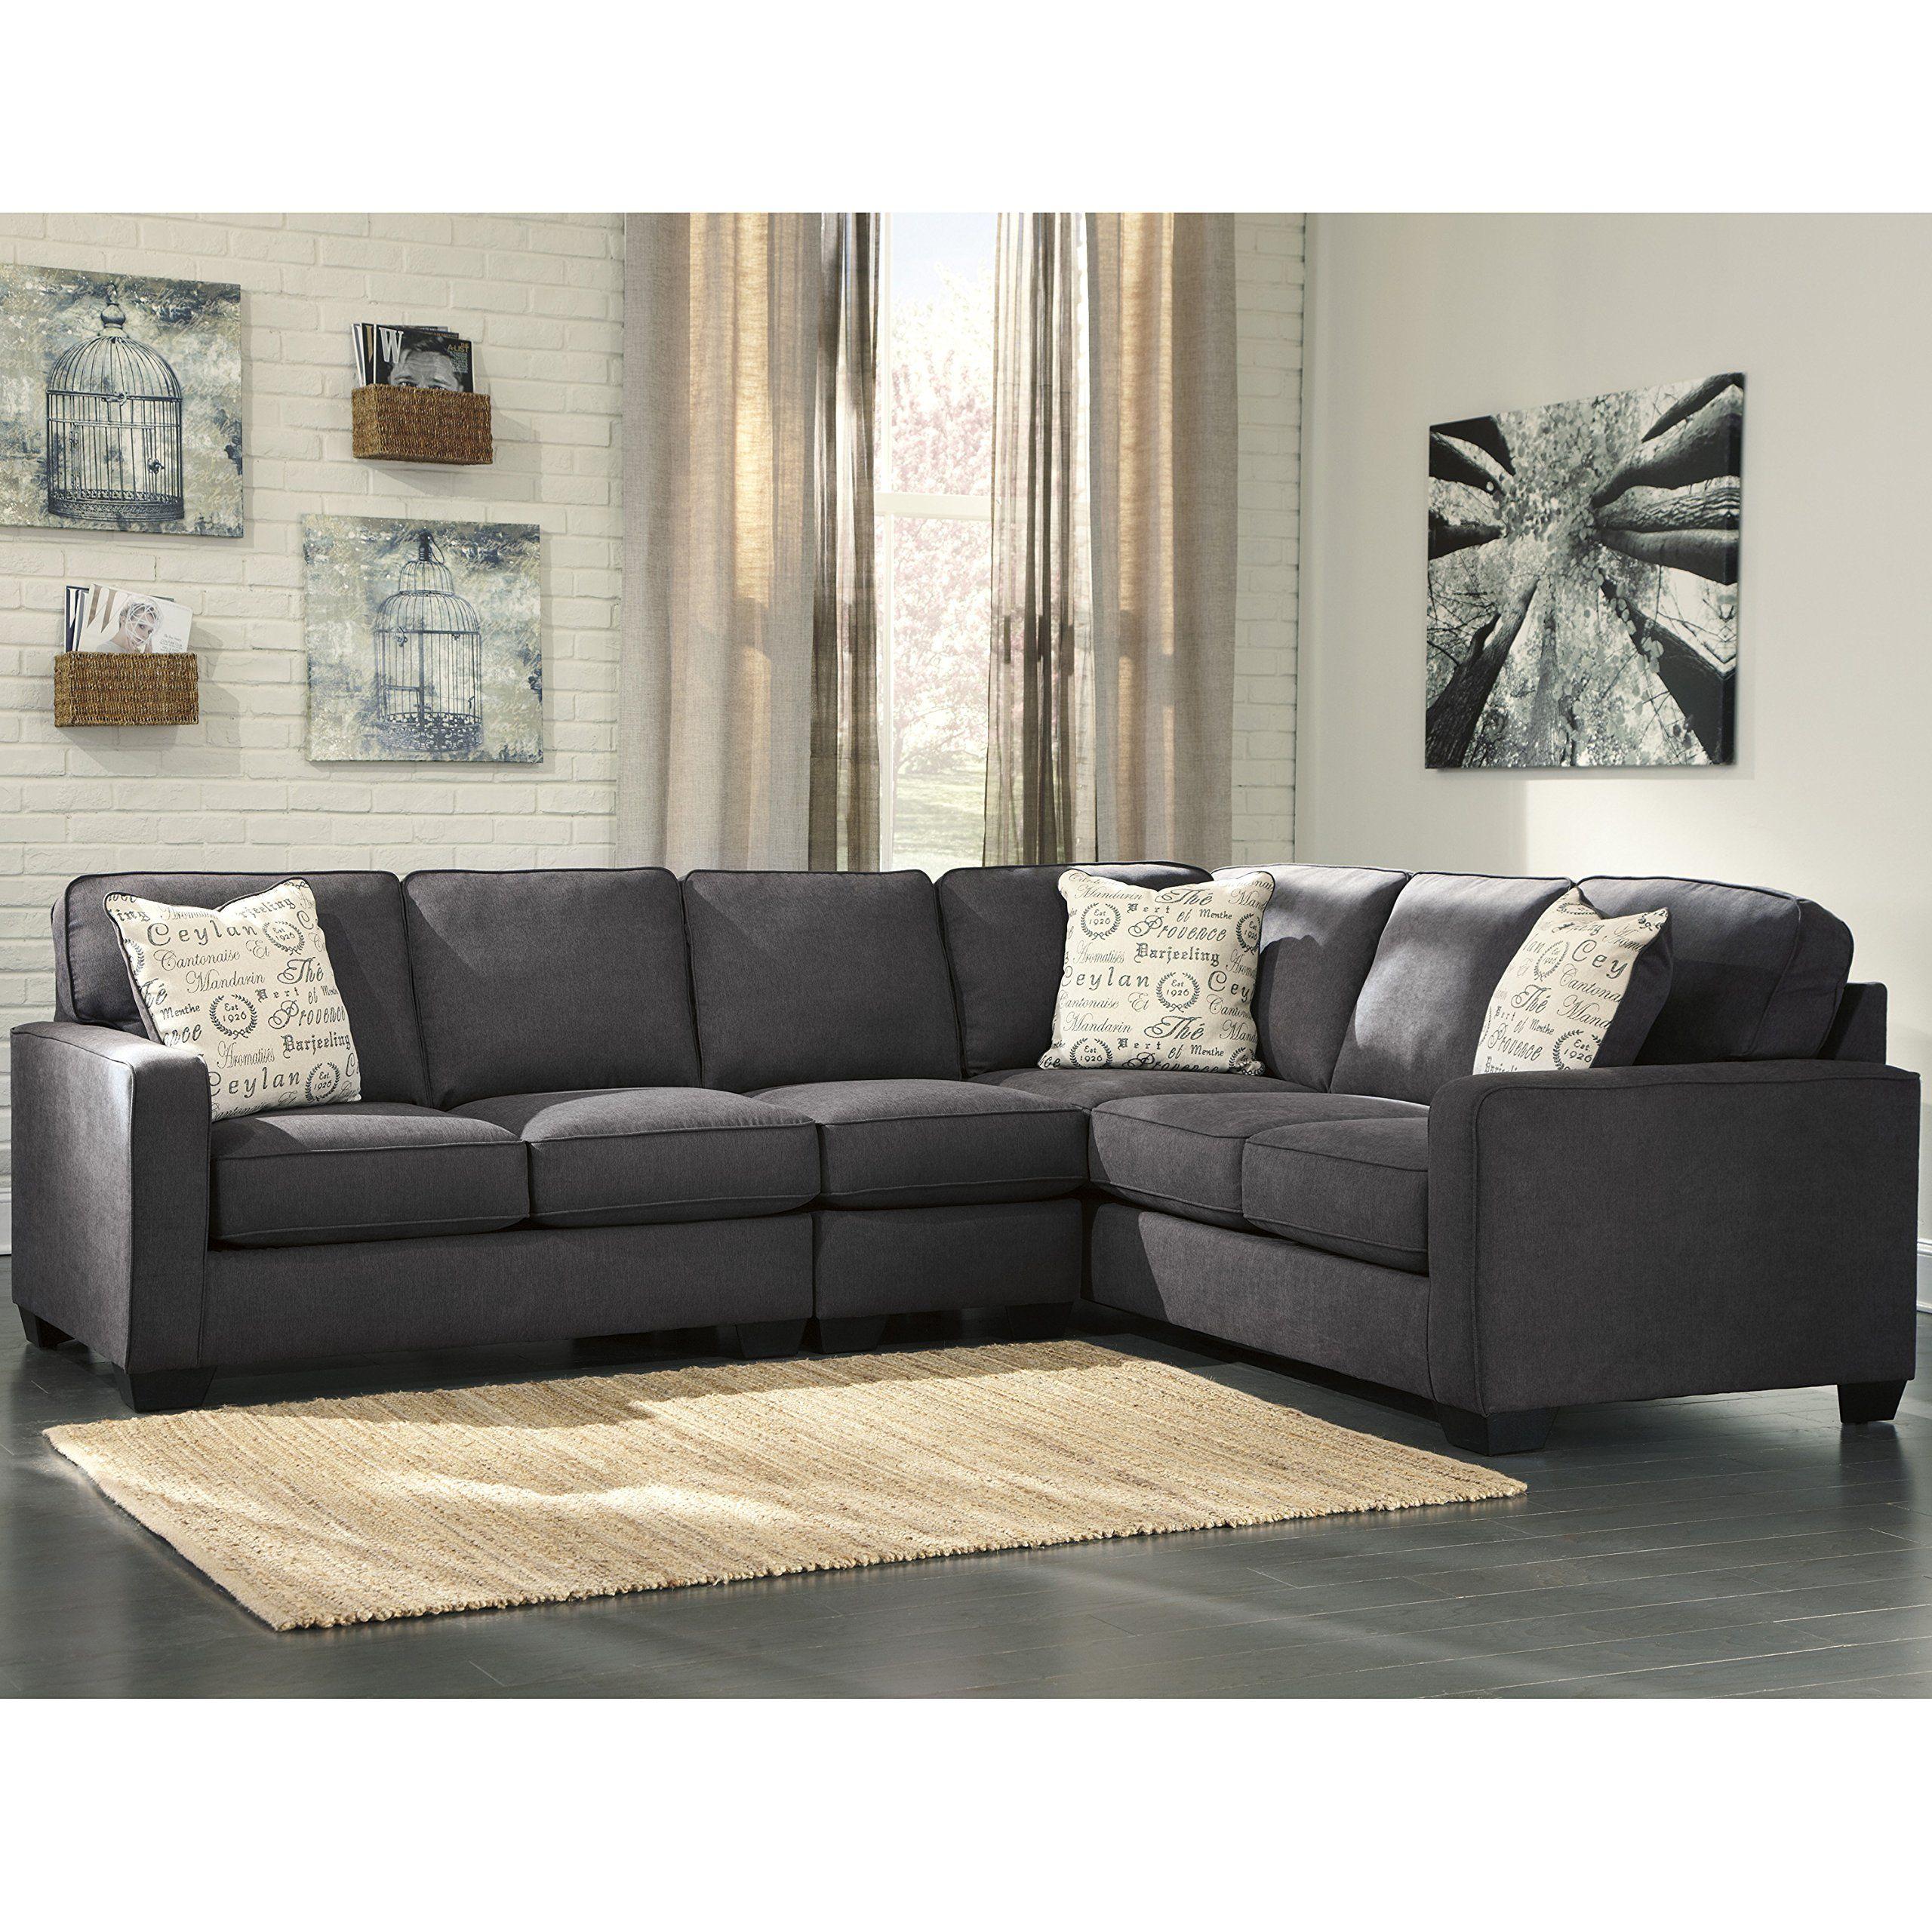 Flash Furniture Signature Design by Ashley Alenya 3Piece RAF Sofa